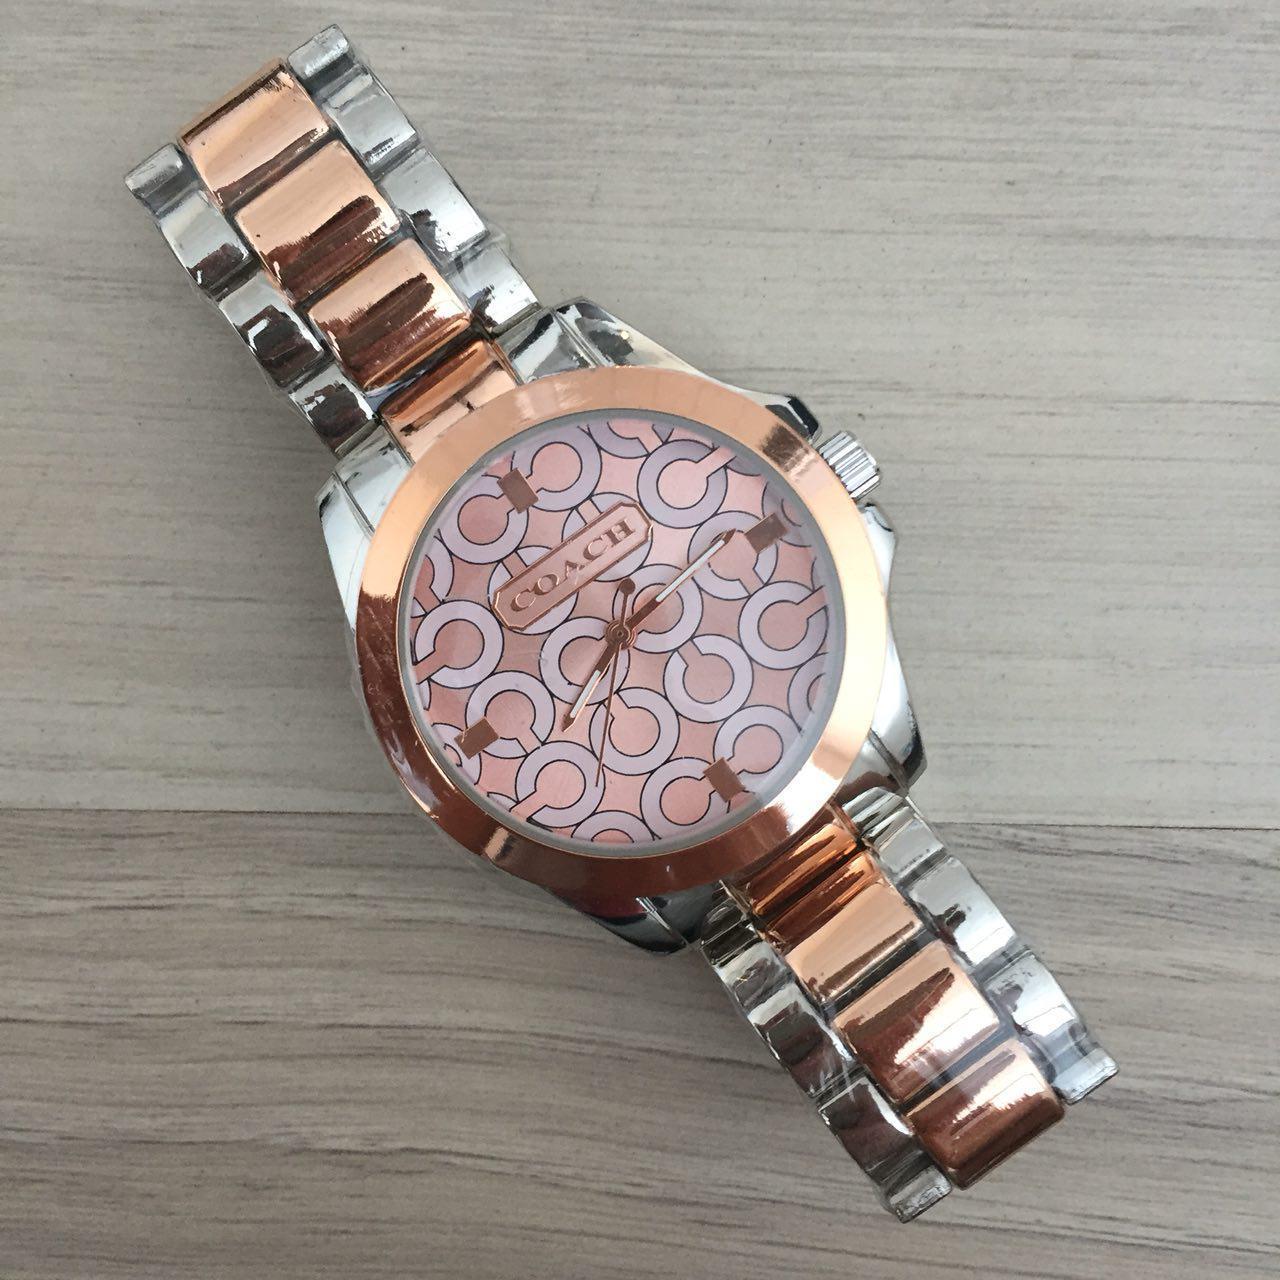 Женские часы серебро браслет Coach Silver-Pink в Коробке,  Жіночий годинник,  Гарантия